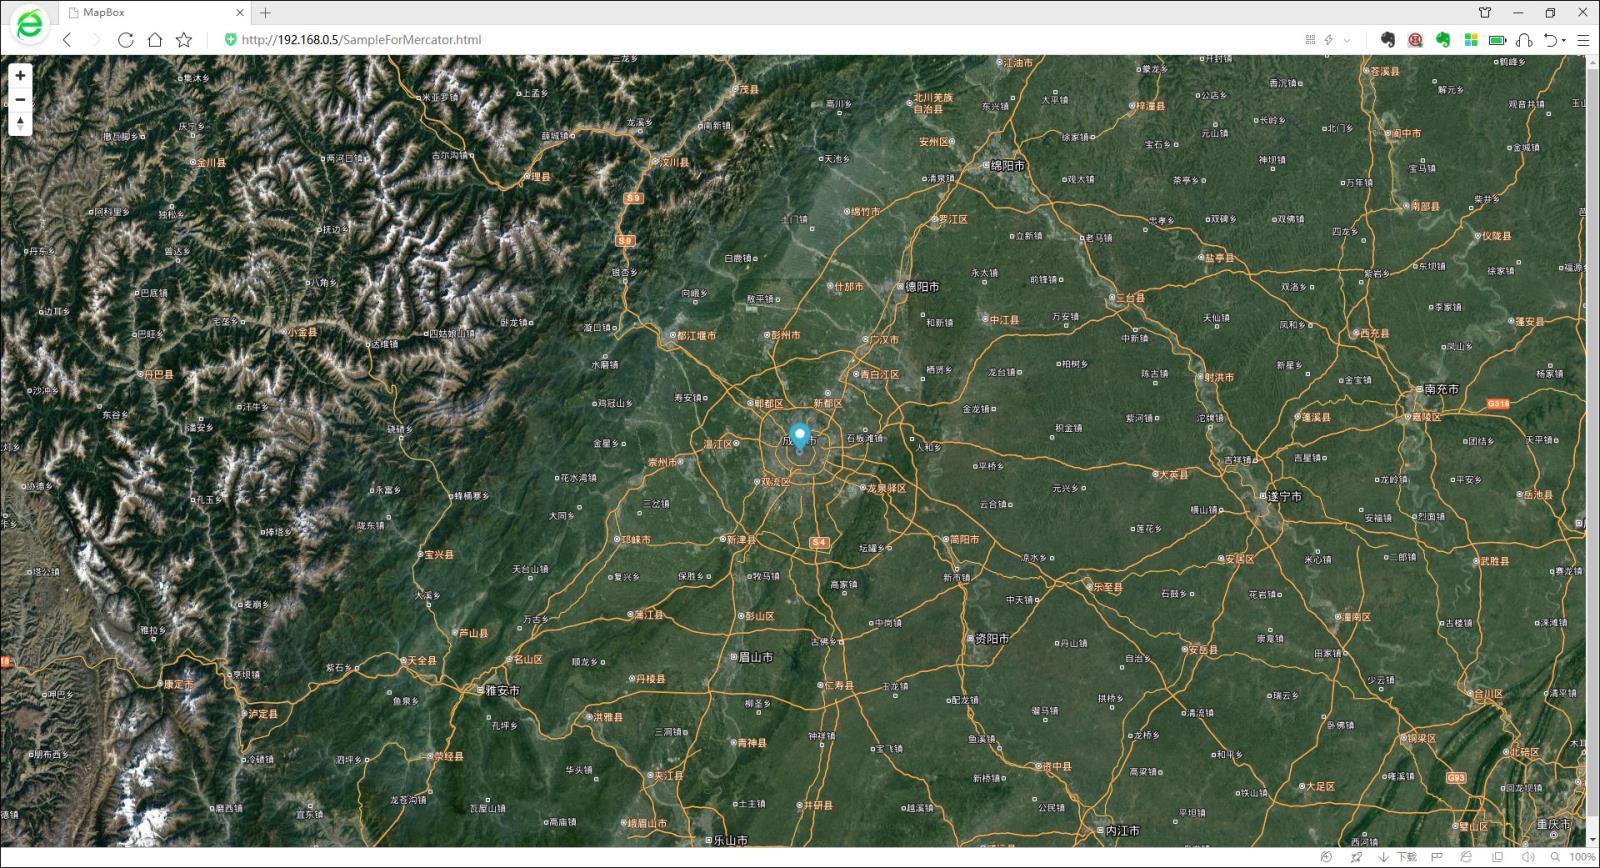 基于MapBox源码在内网中加载离线卫星地图的方法